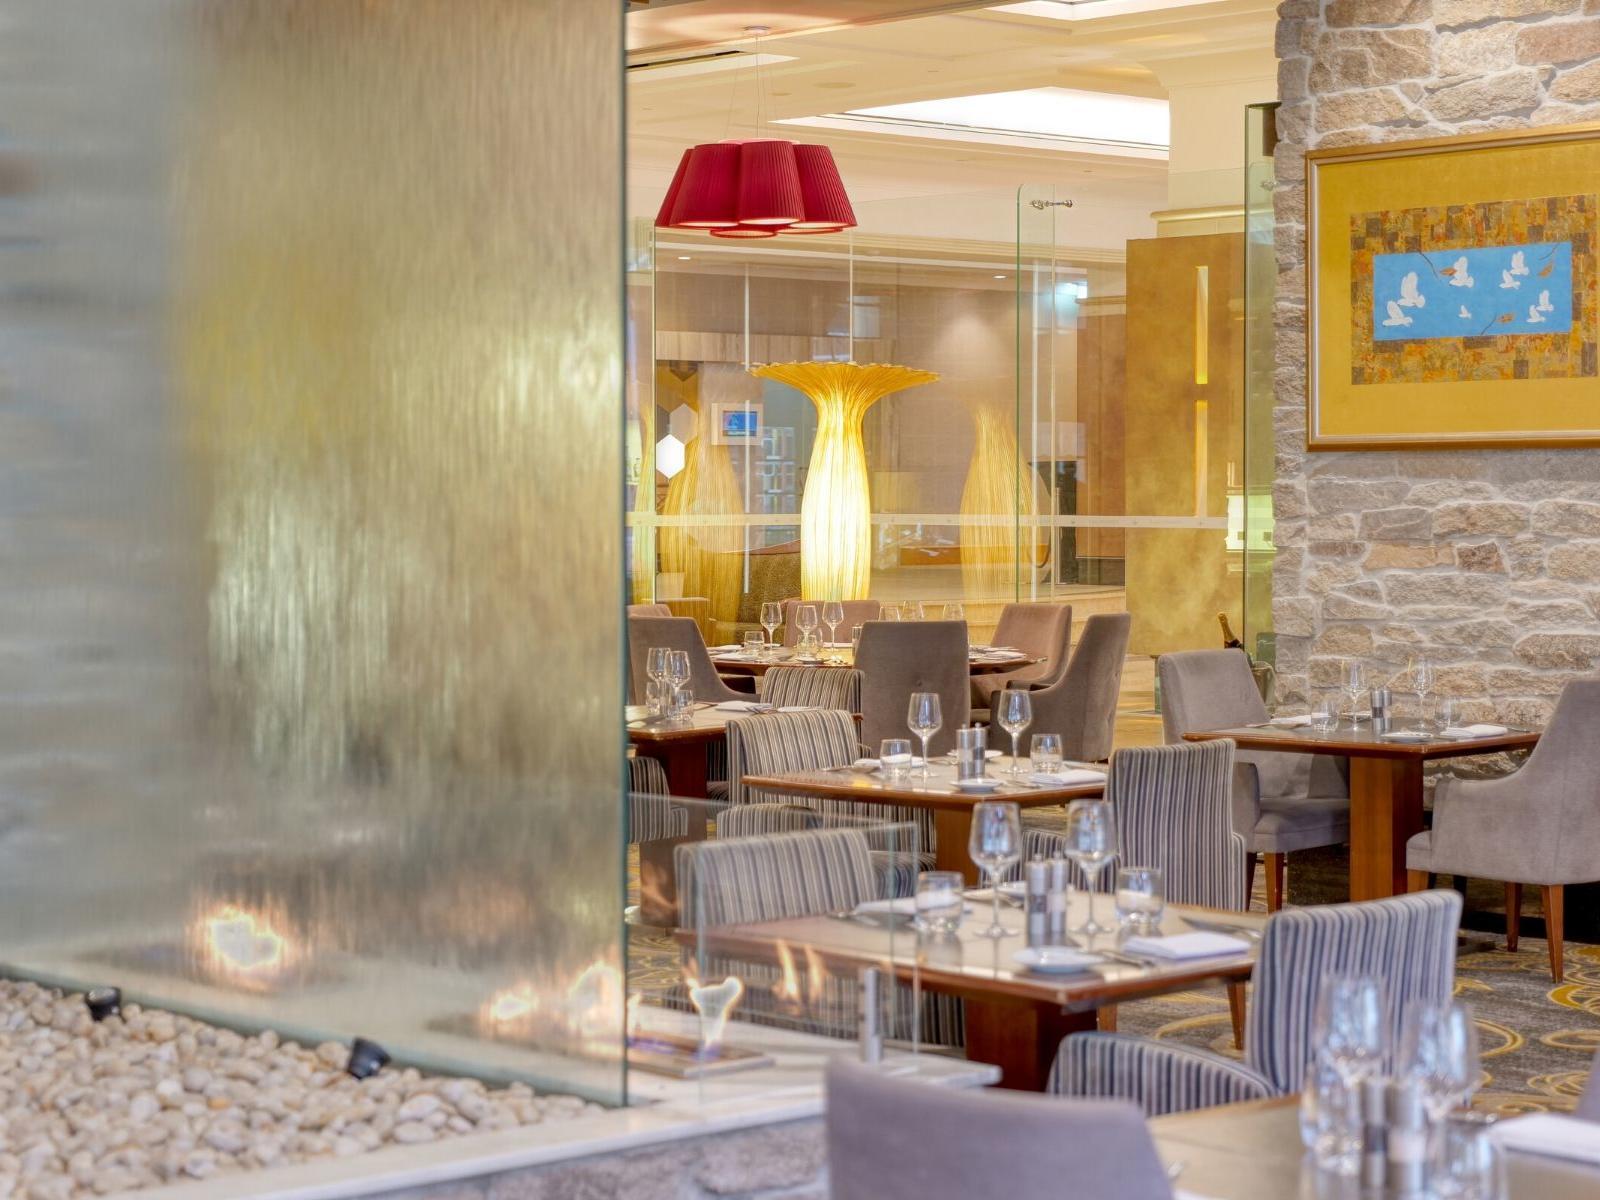 Restauranat  in Duxton Hotel Perth